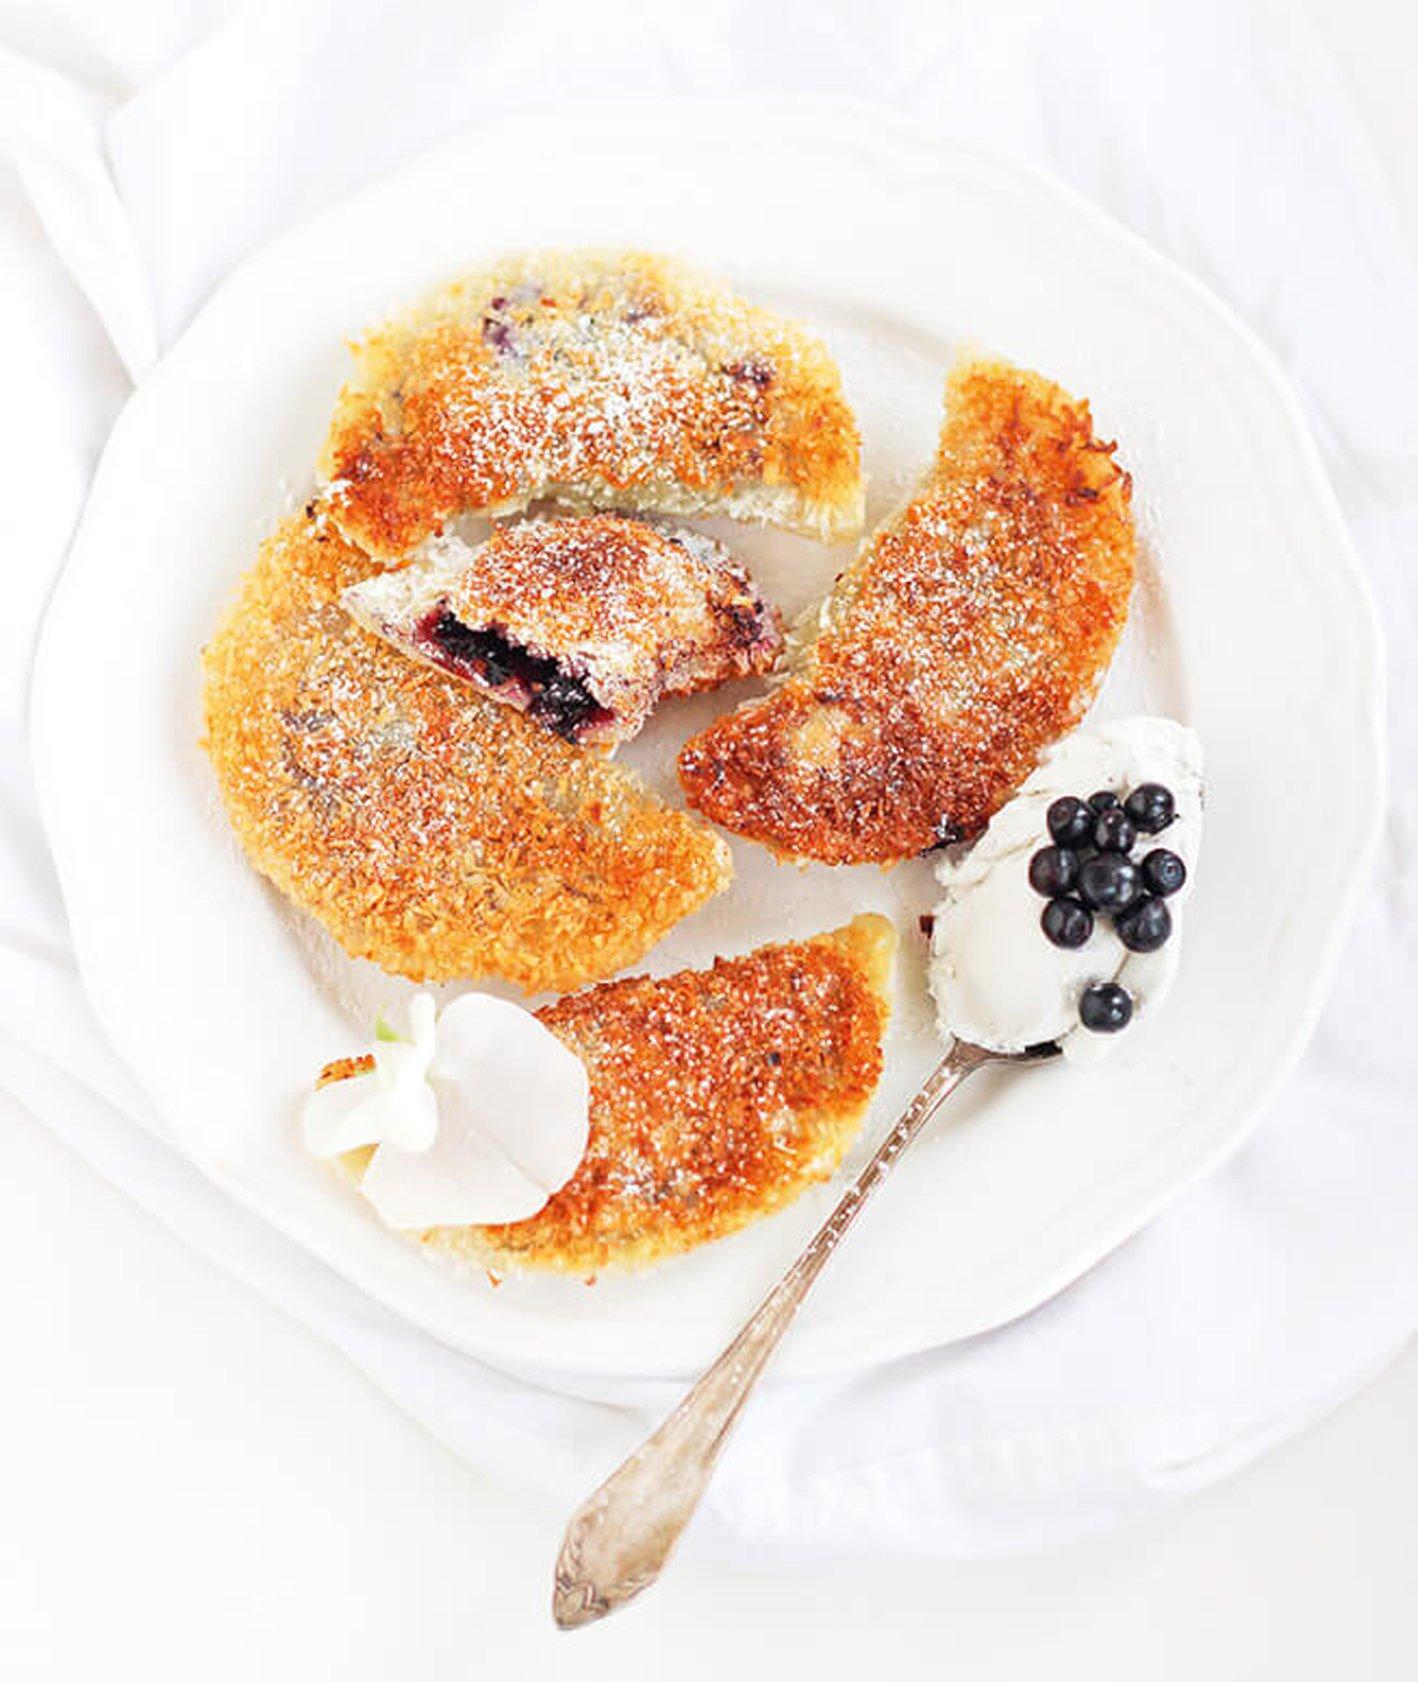 pierogi z jagodami, pierogi w panierce, przepis Tosia Kolo, burczymiwbrzuchu, blog burczymiwbrzuchu, pierogi z owocami, smażone pierogi, dla dzieci, pierogi ze śmietaną, pierogi na słodko, ciasto na pierogi